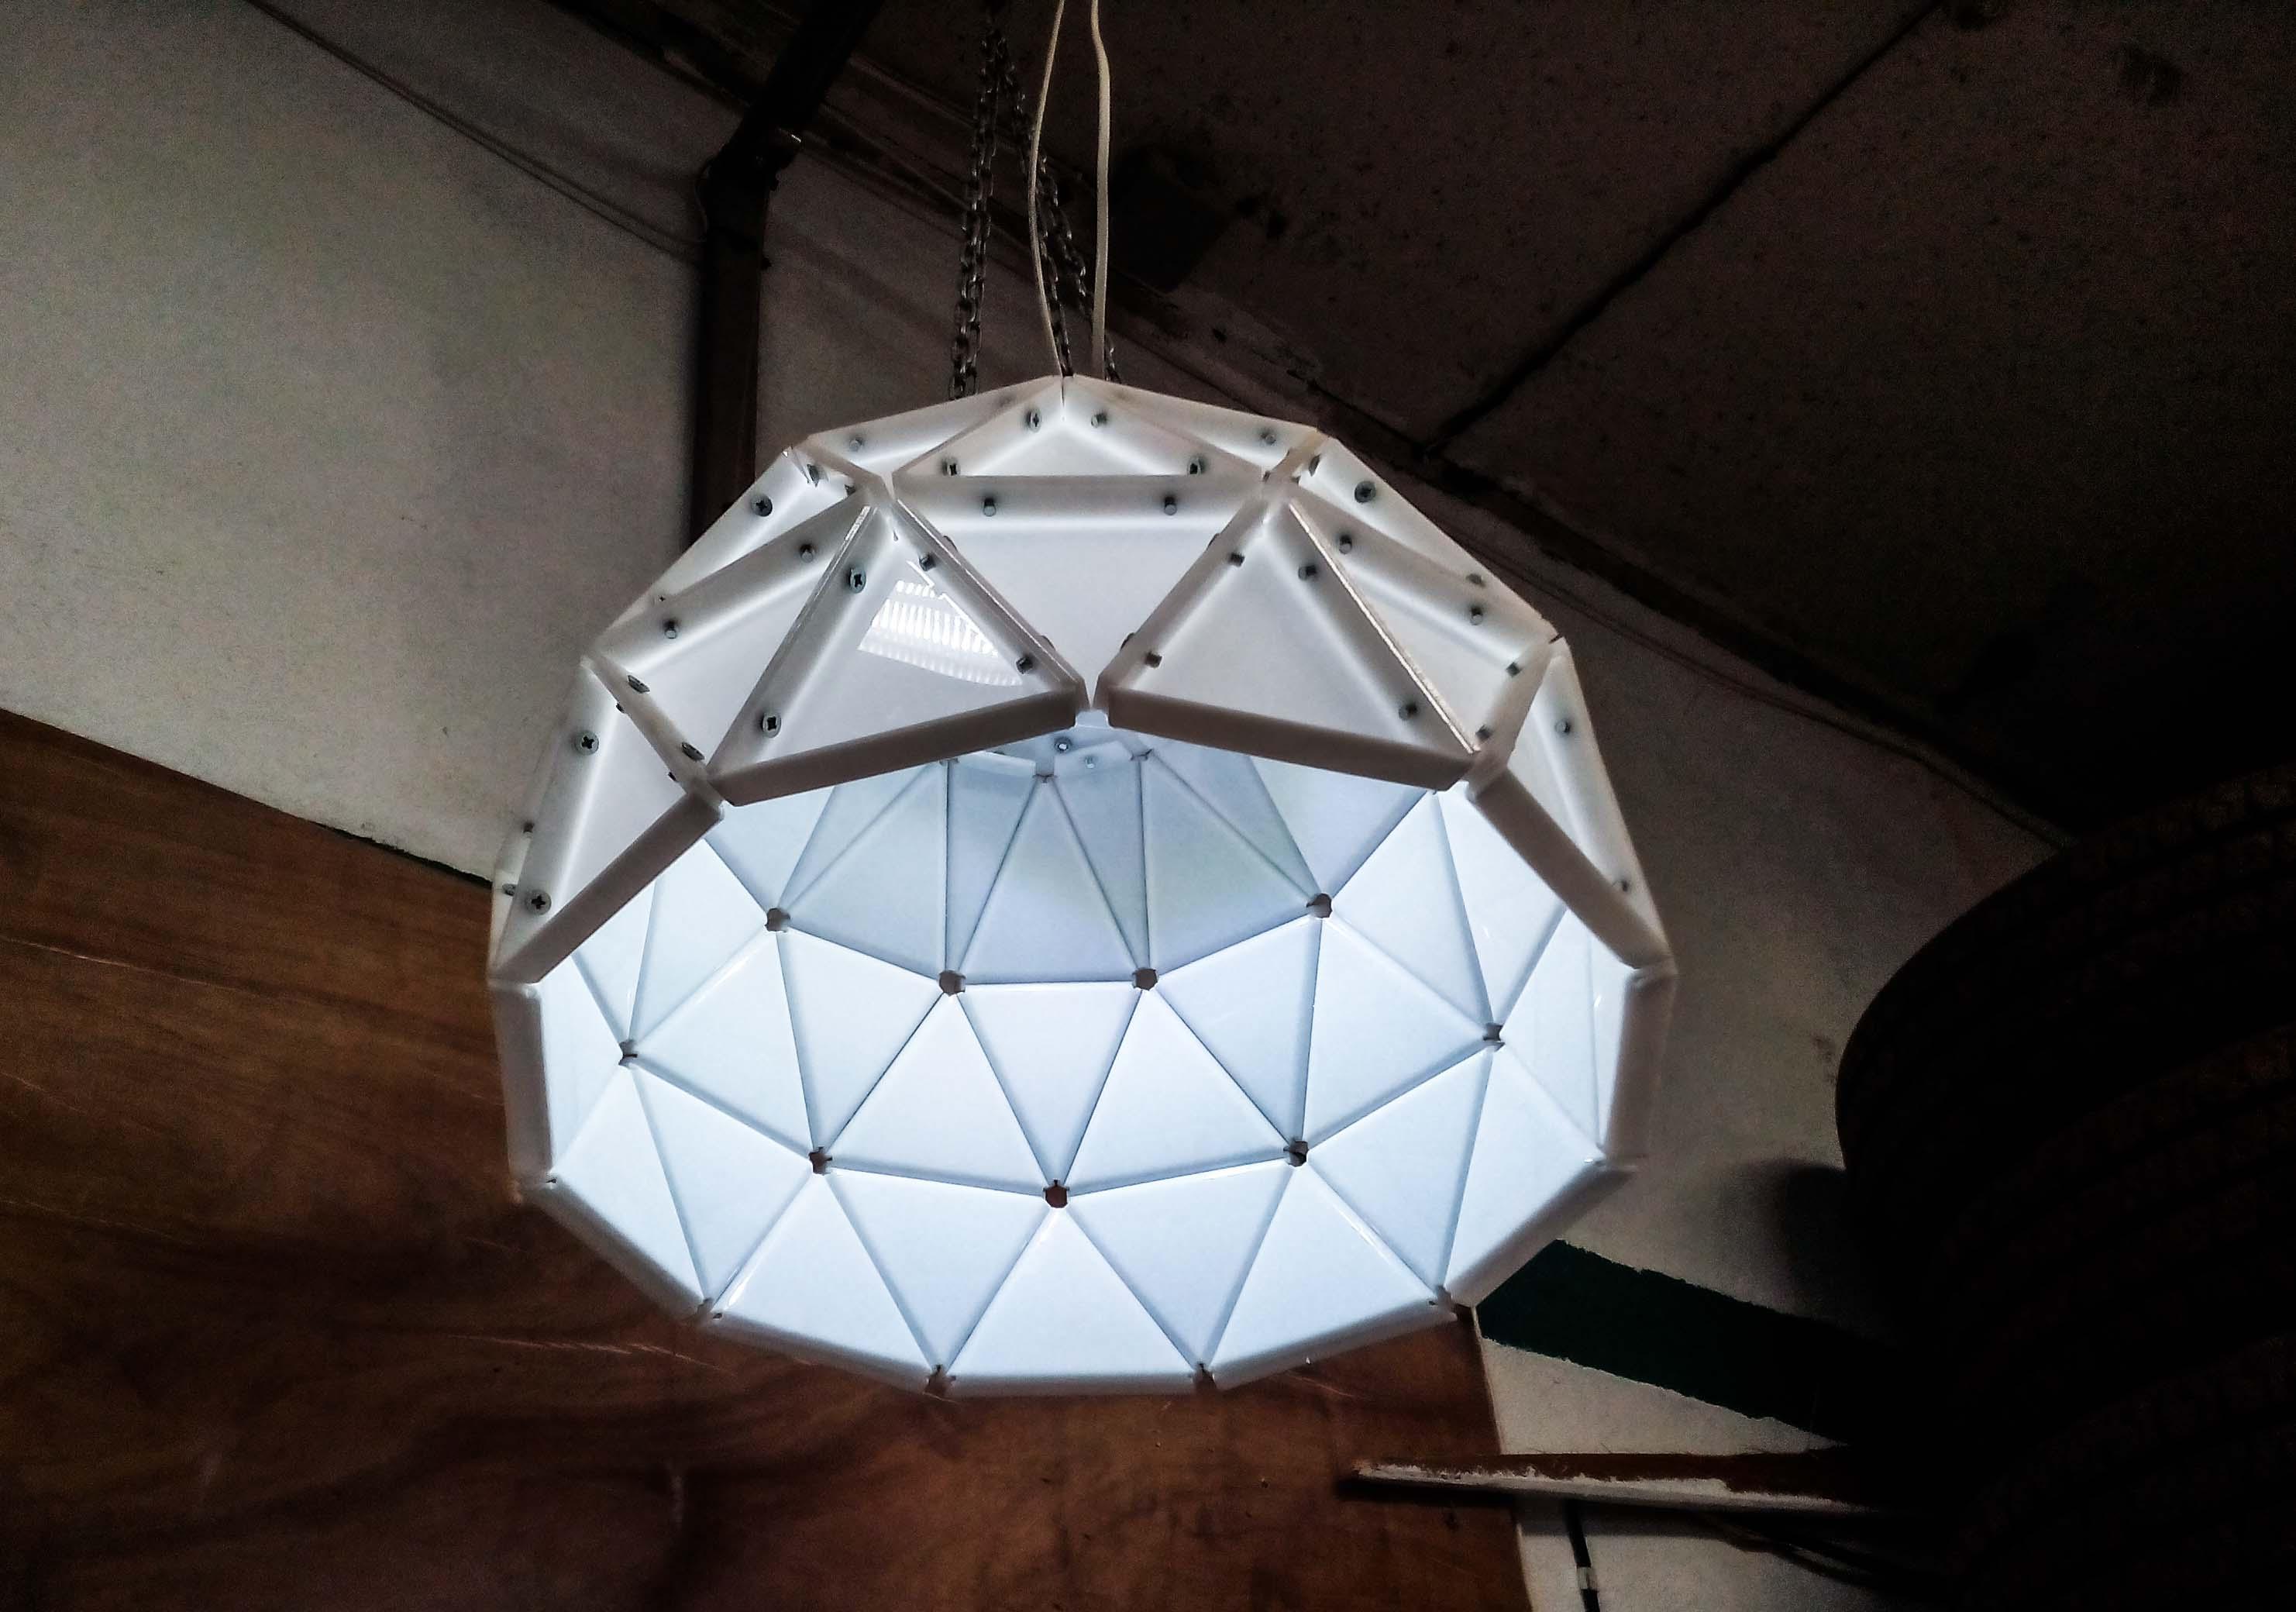 лофт лампа из акрила купить в интернет магазине азбукадекор.рф